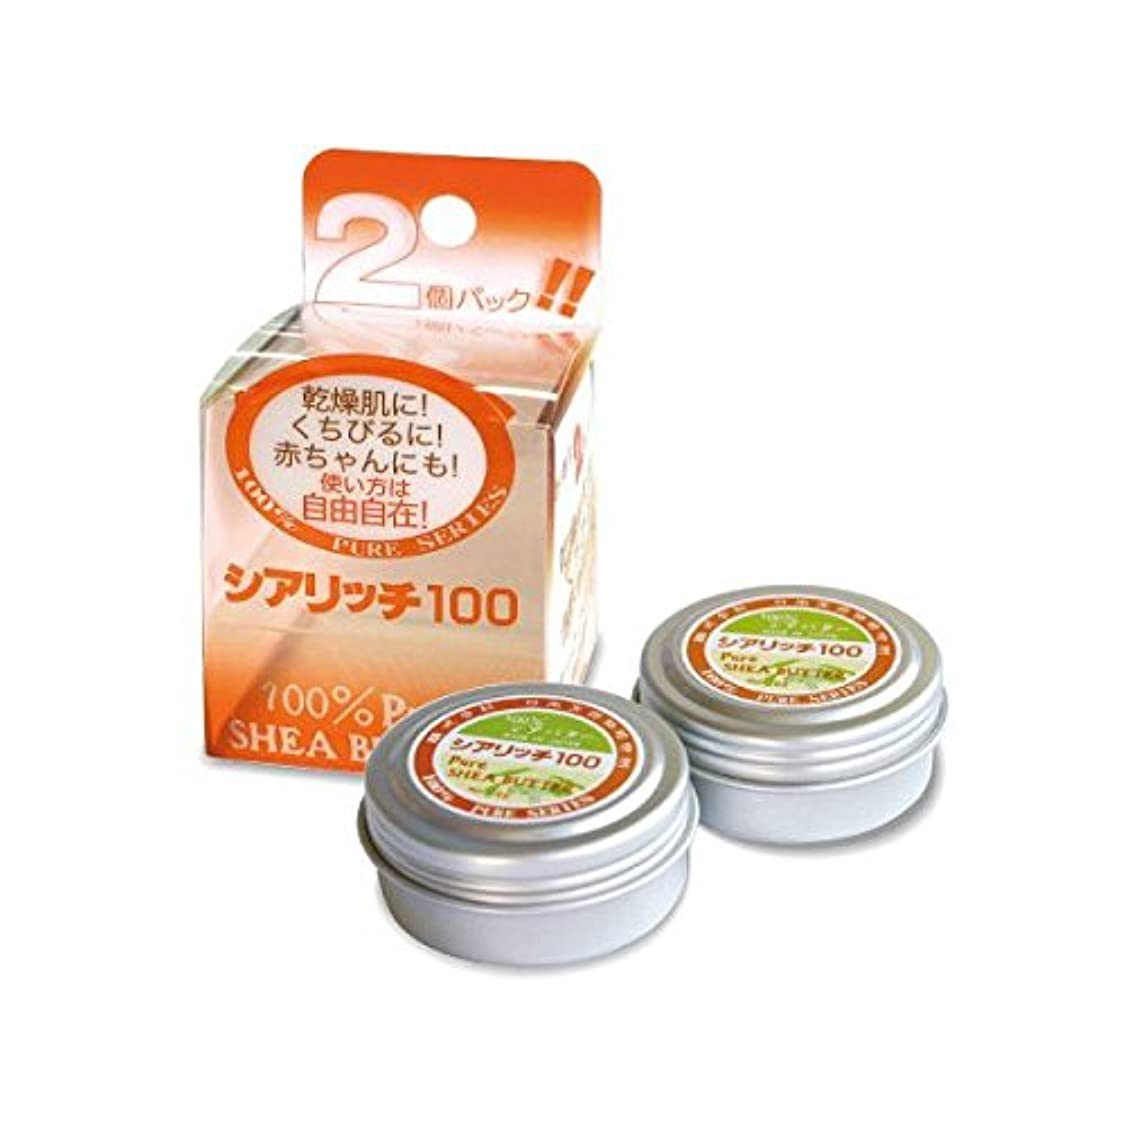 詩伝染性の感心する日本天然物研究所 シアリッチ100 (8g×2個入り)【単品】(無添加100%シアバター)無香料